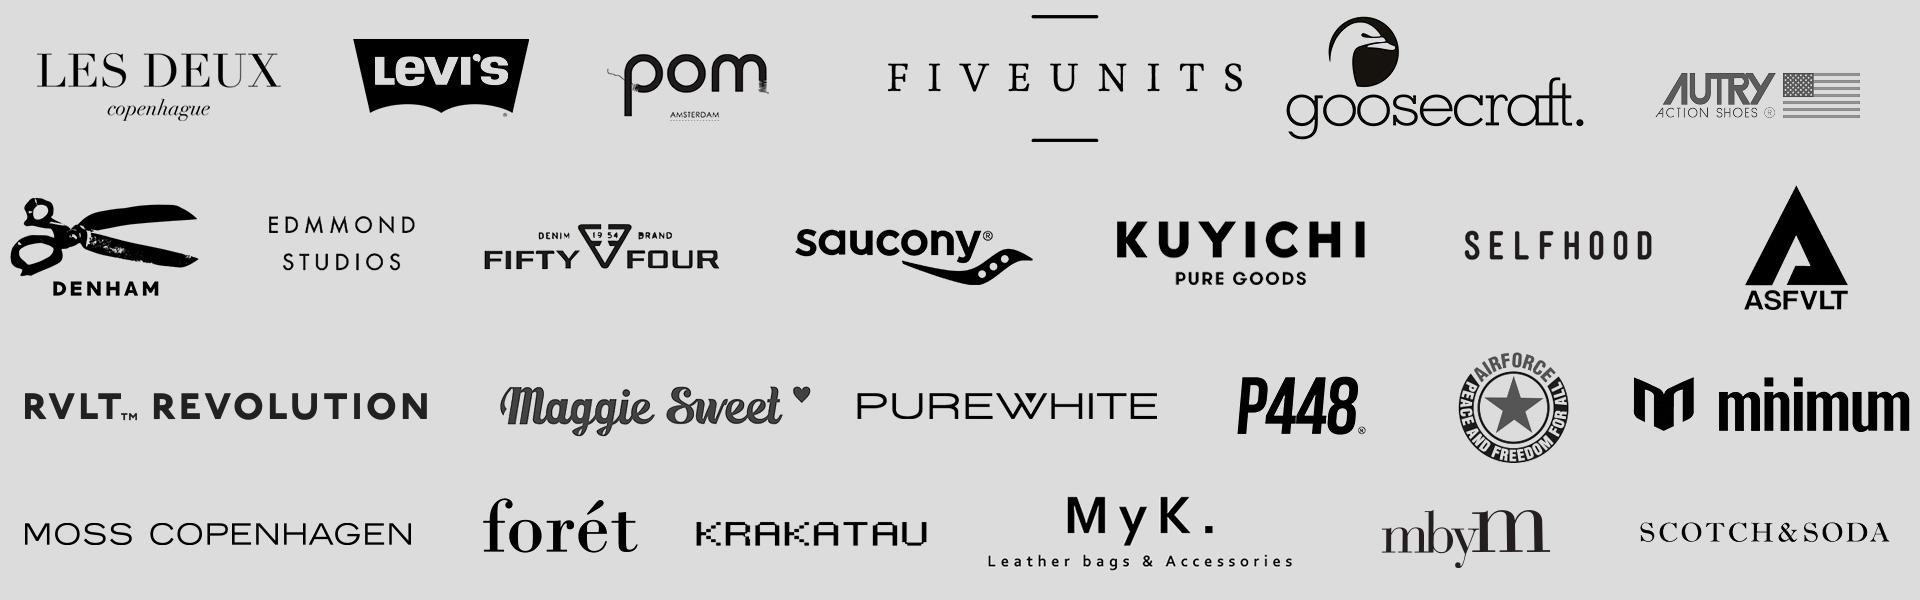 detempel-logos-feb-2020-2